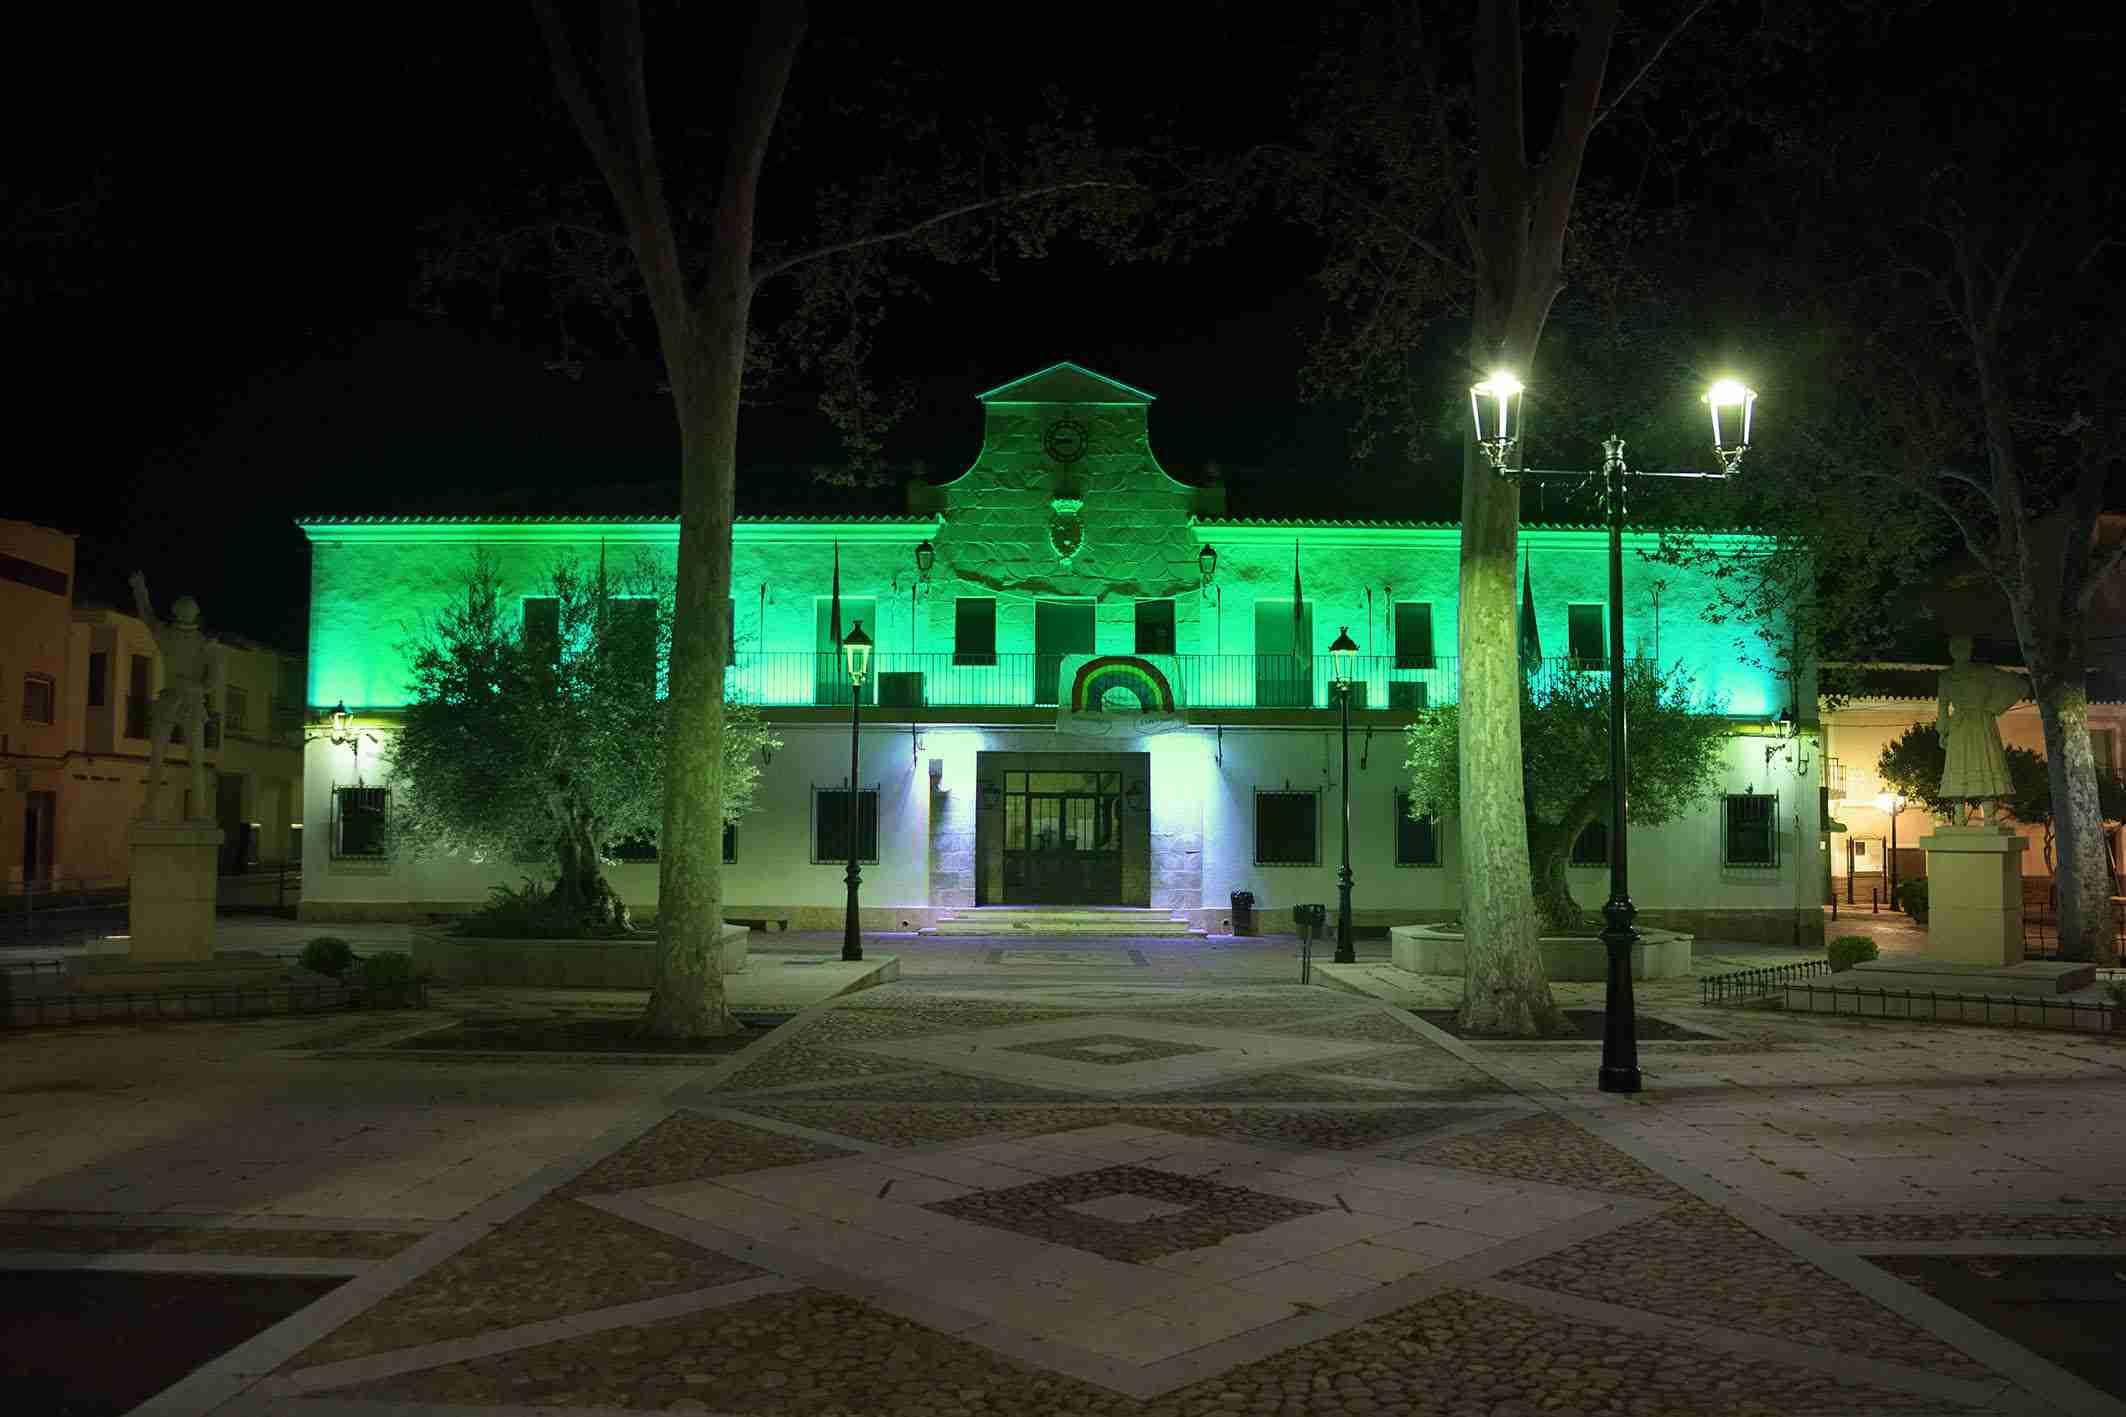 El Ayuntamiento de Argamasilla de Alba se ilumina de verde esperanza 3